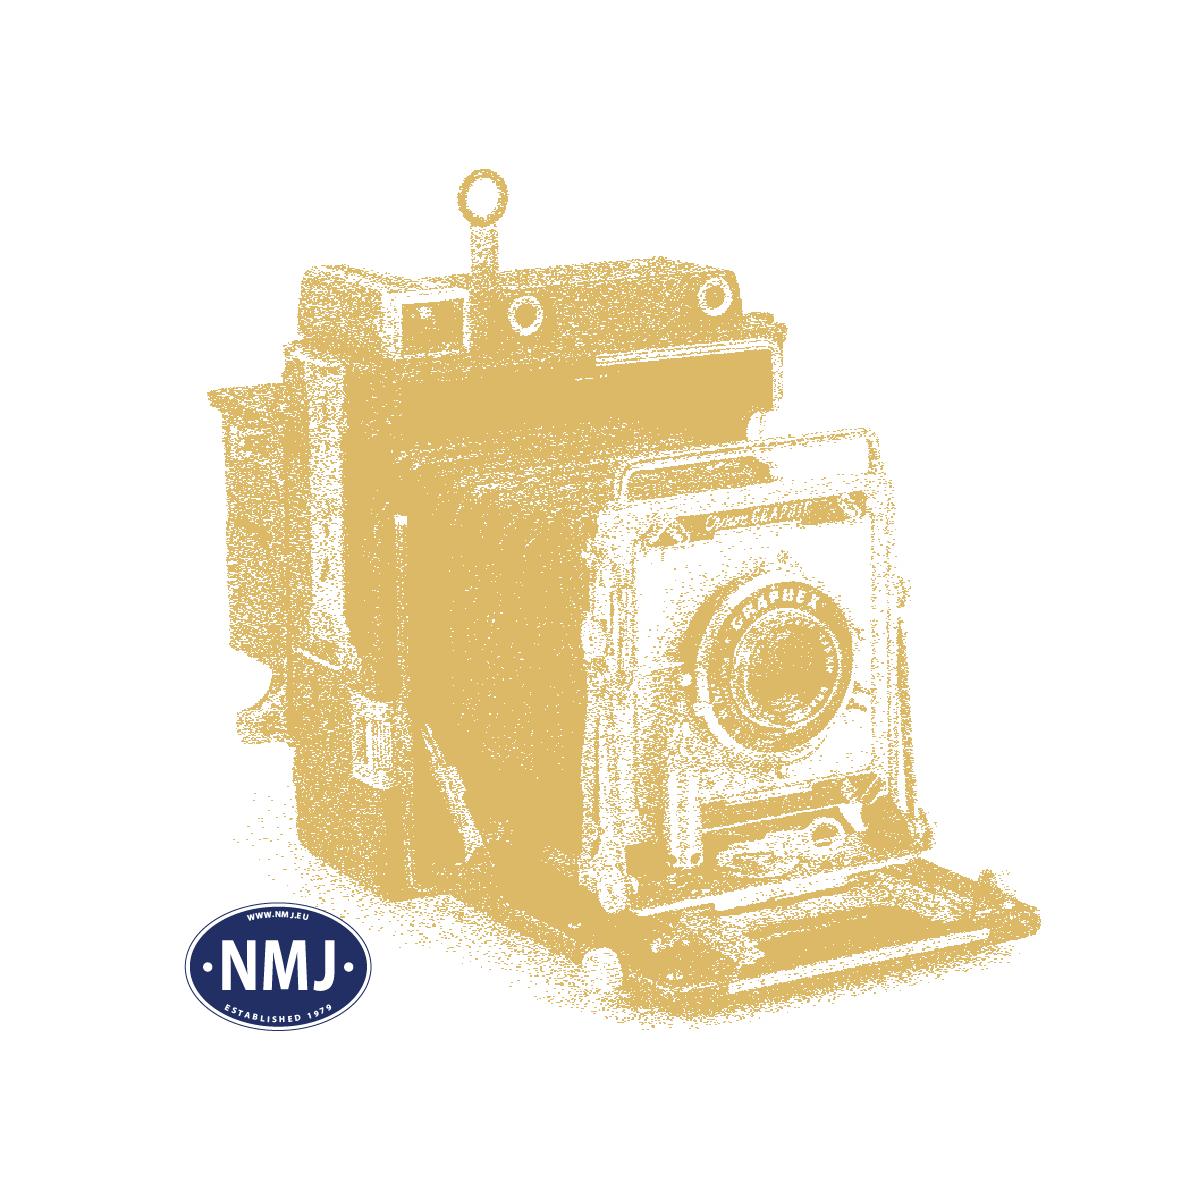 MOE0516 - Modell & Elektronikk 5/2016, Teknisk Hobbyblad